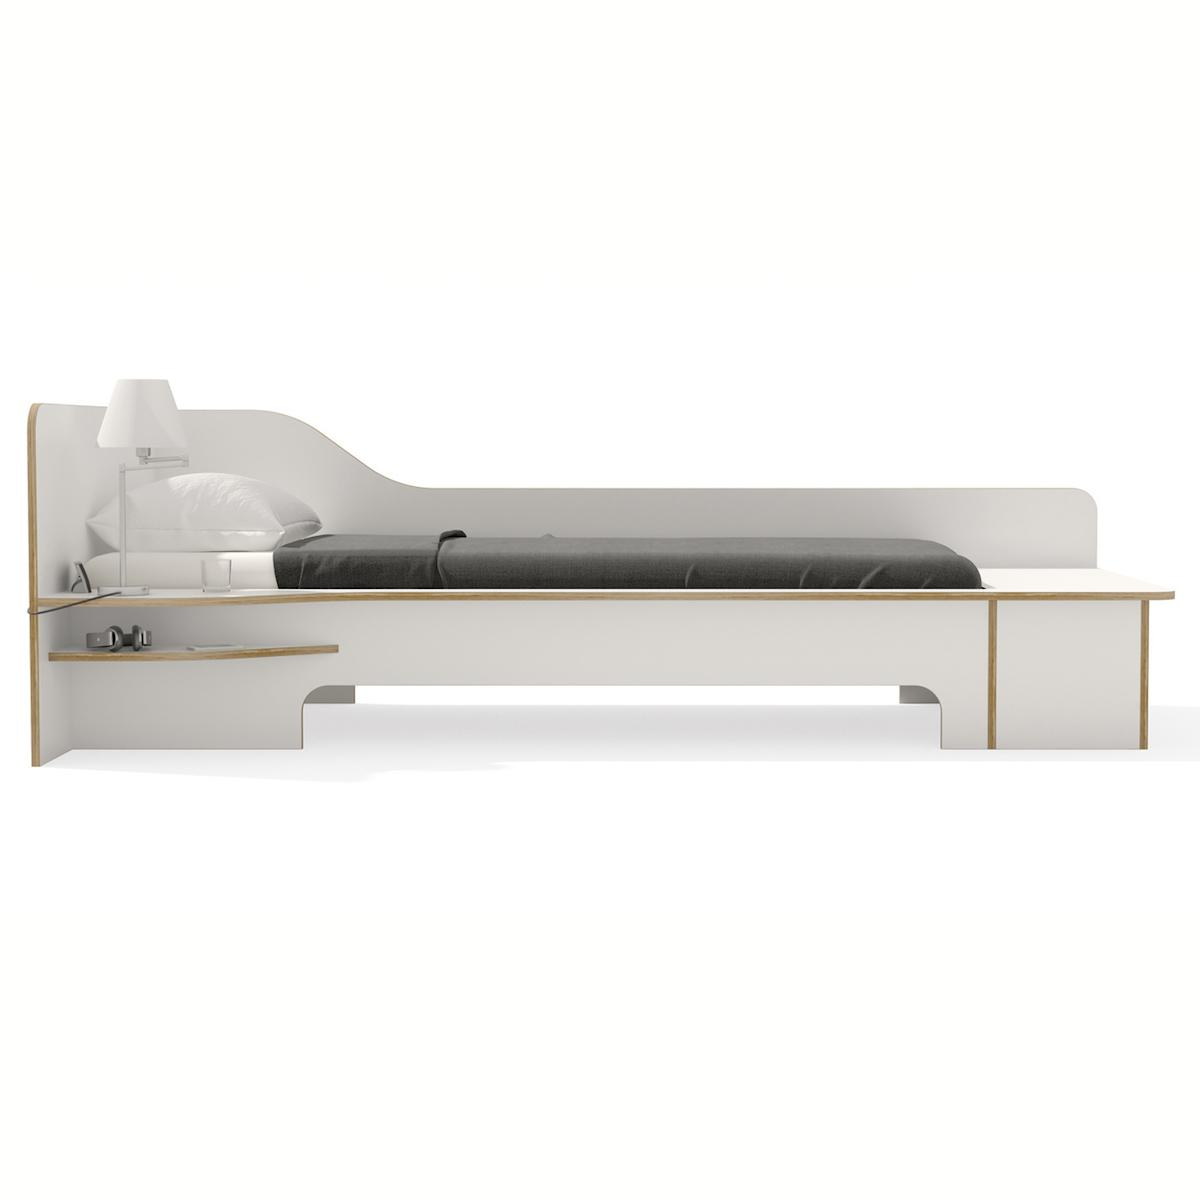 Einzelbett 90x200cm Bettkasten linke Ausführung PLANE Mueller weiß